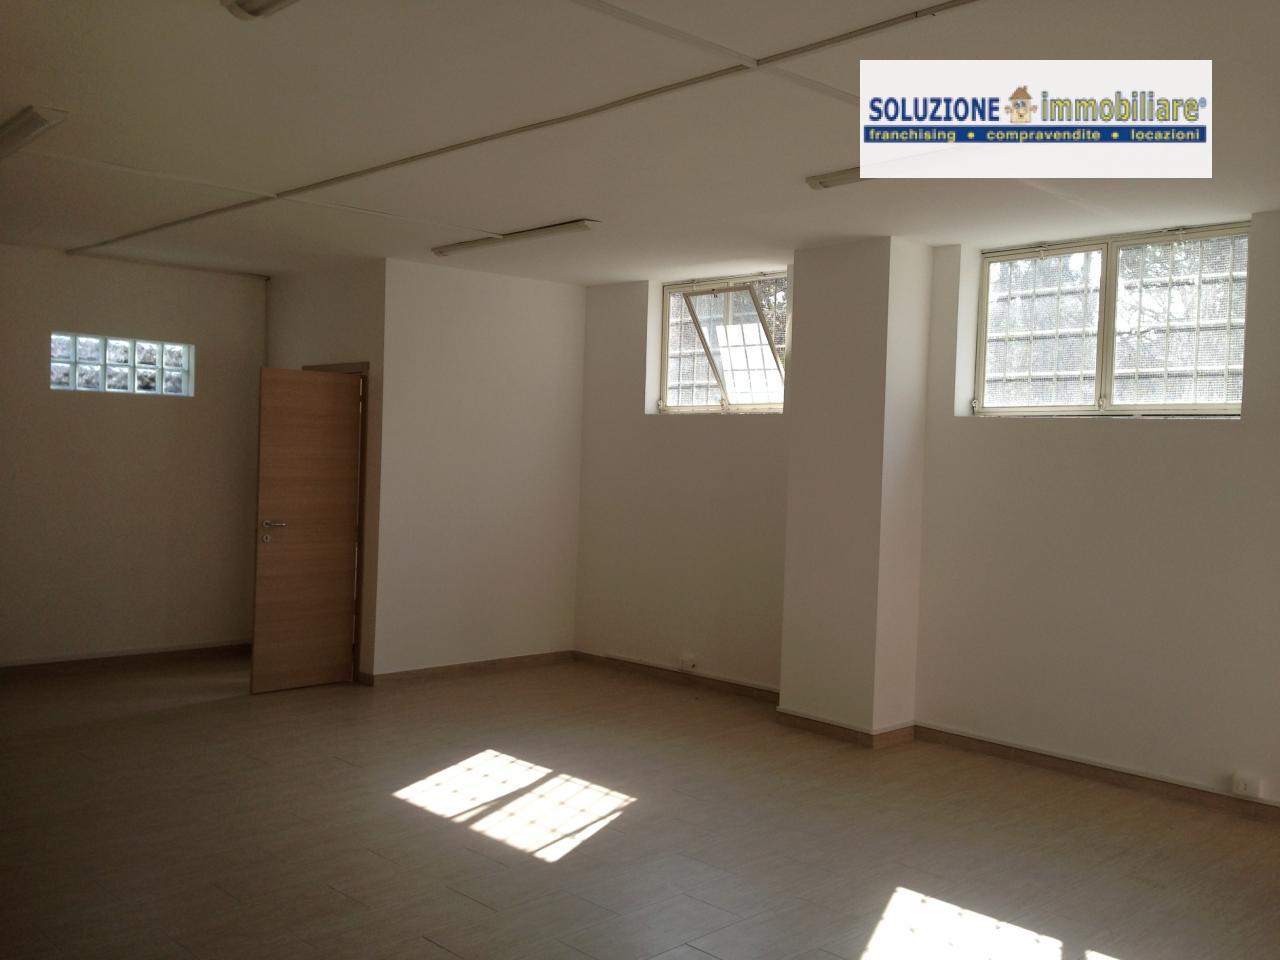 Negozio / Locale in affitto a Chieti, 9999 locali, zona Zona: Semicentro, prezzo € 450 | Cambio Casa.it